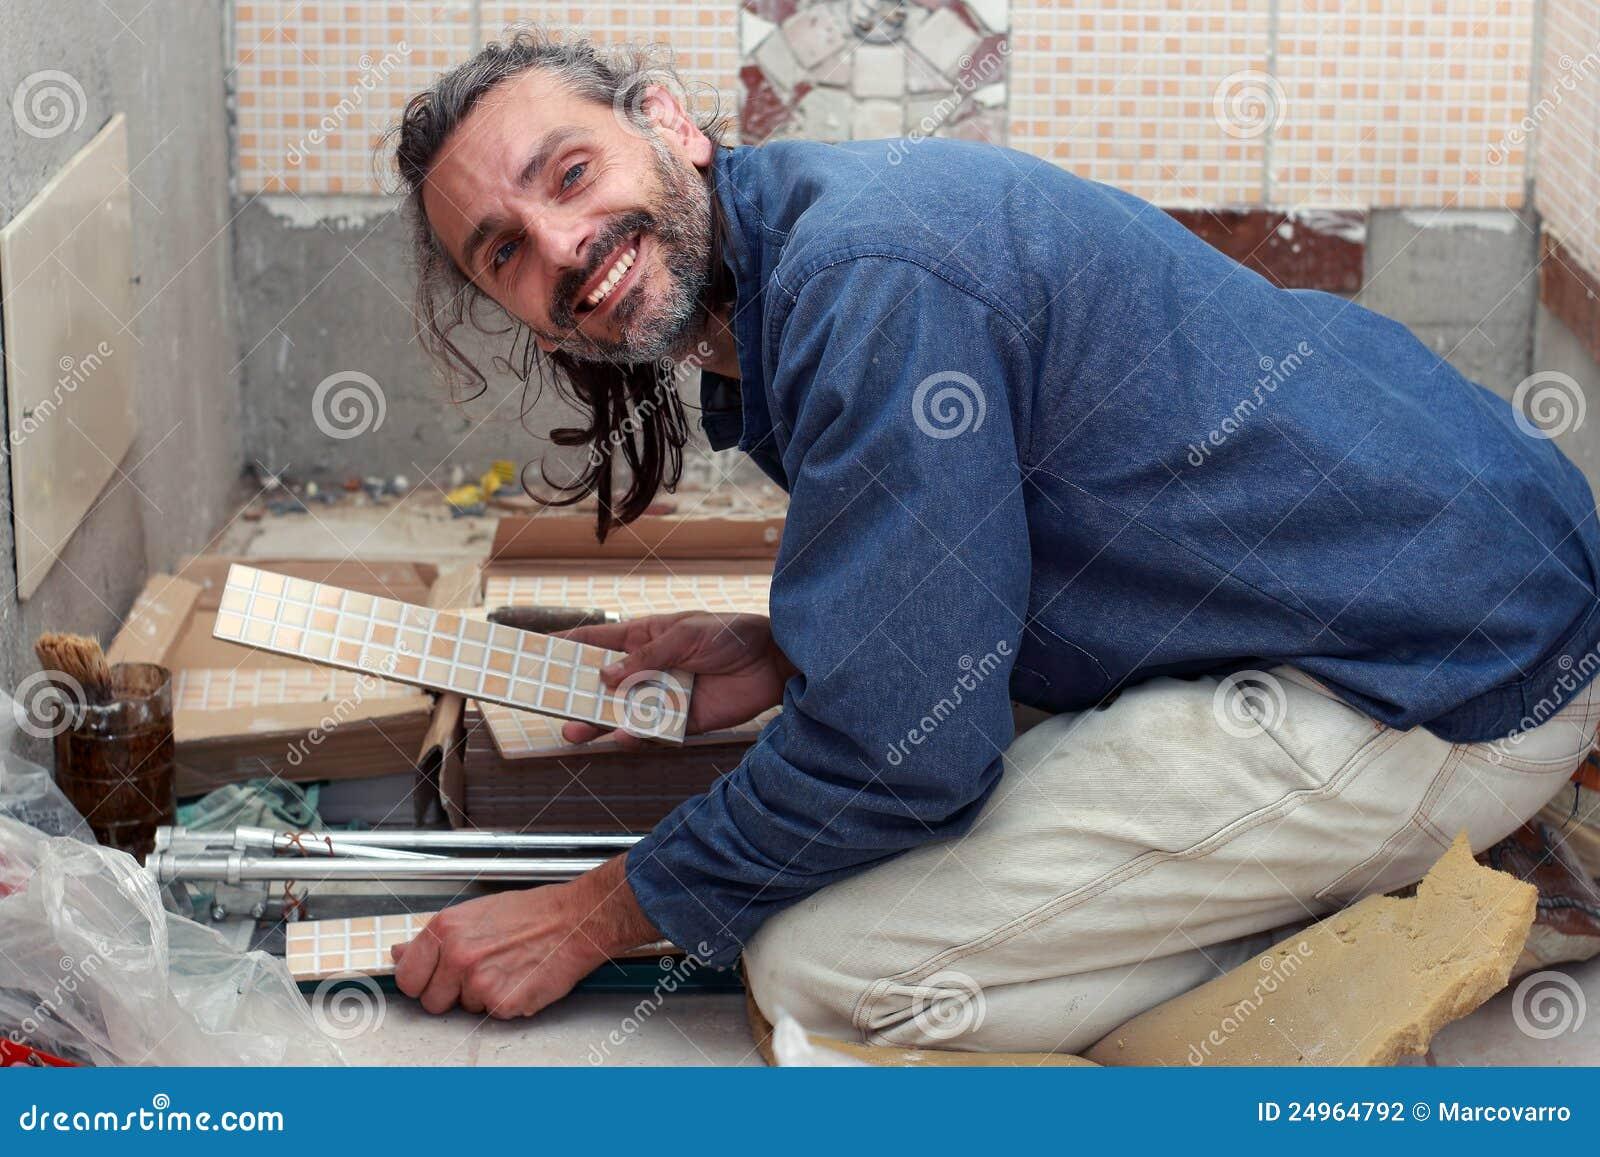 dachdecker bei der arbeit stockfoto bild von ausschnitt 24964792. Black Bedroom Furniture Sets. Home Design Ideas